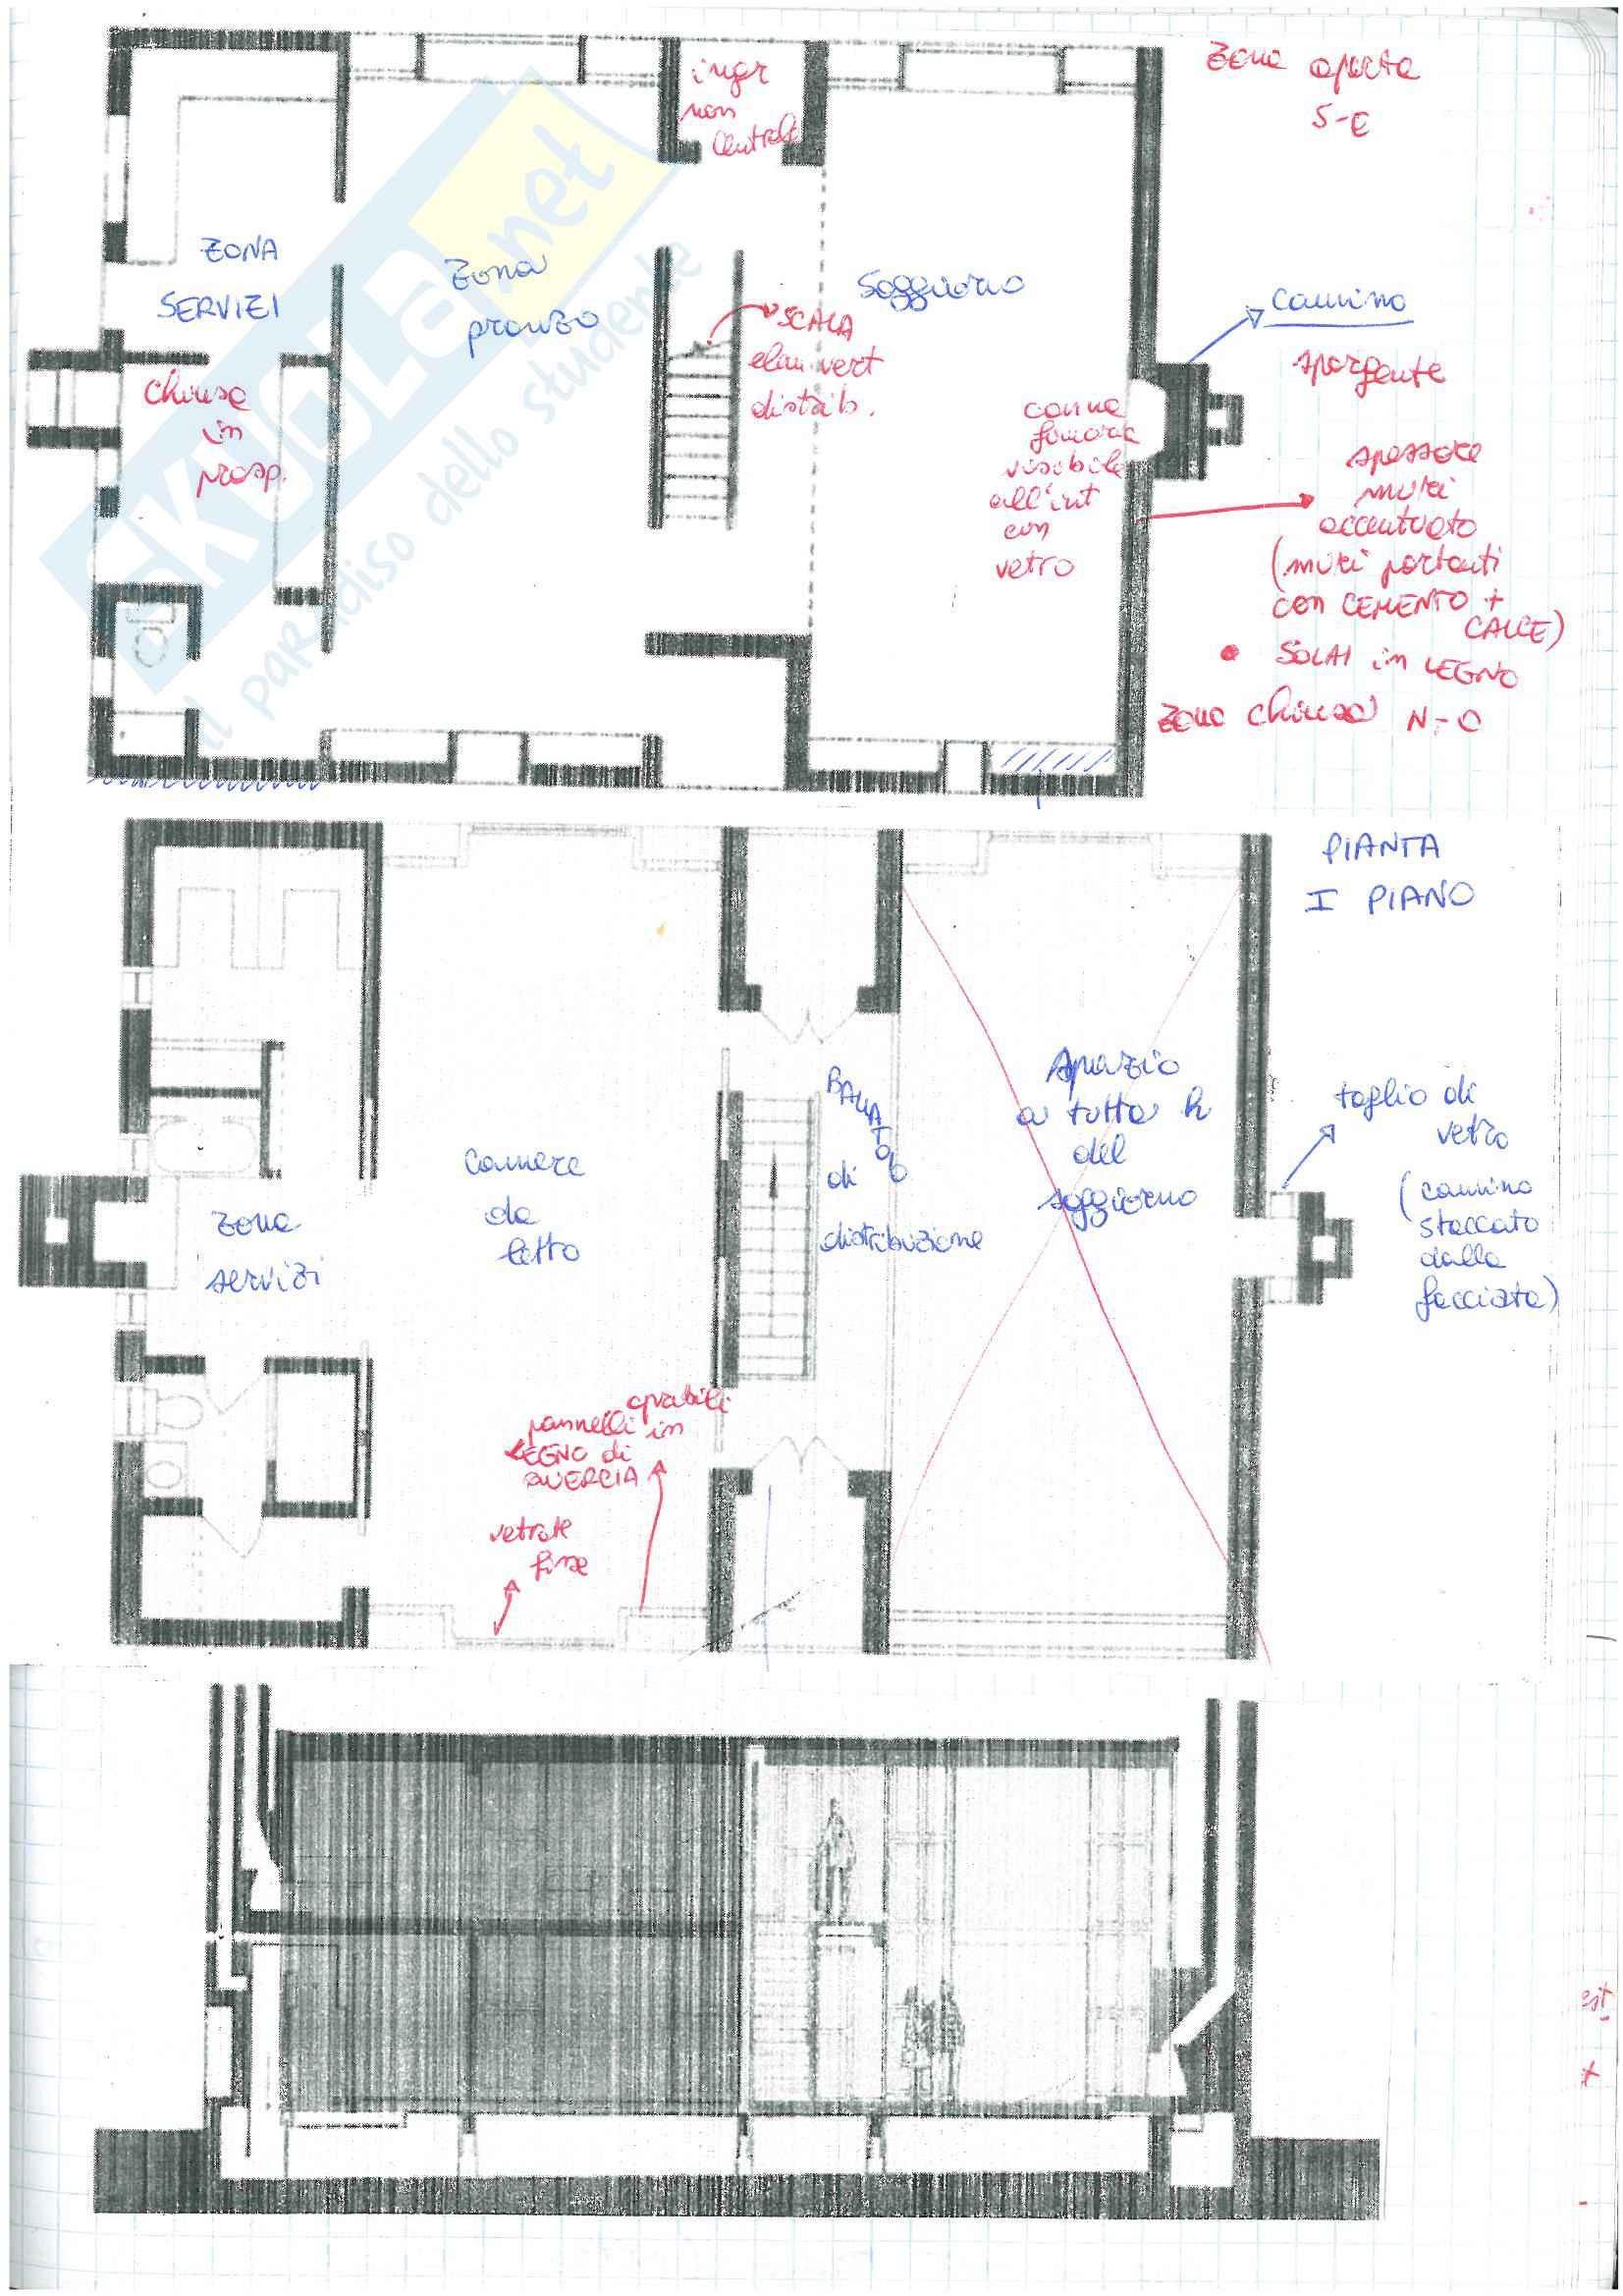 (1/3)   Appunti presi a lezione di Architettura e Composizione architettonica 1 con laboratorio progettuale tenuto dal prof. F. Cutroni Pag. 71